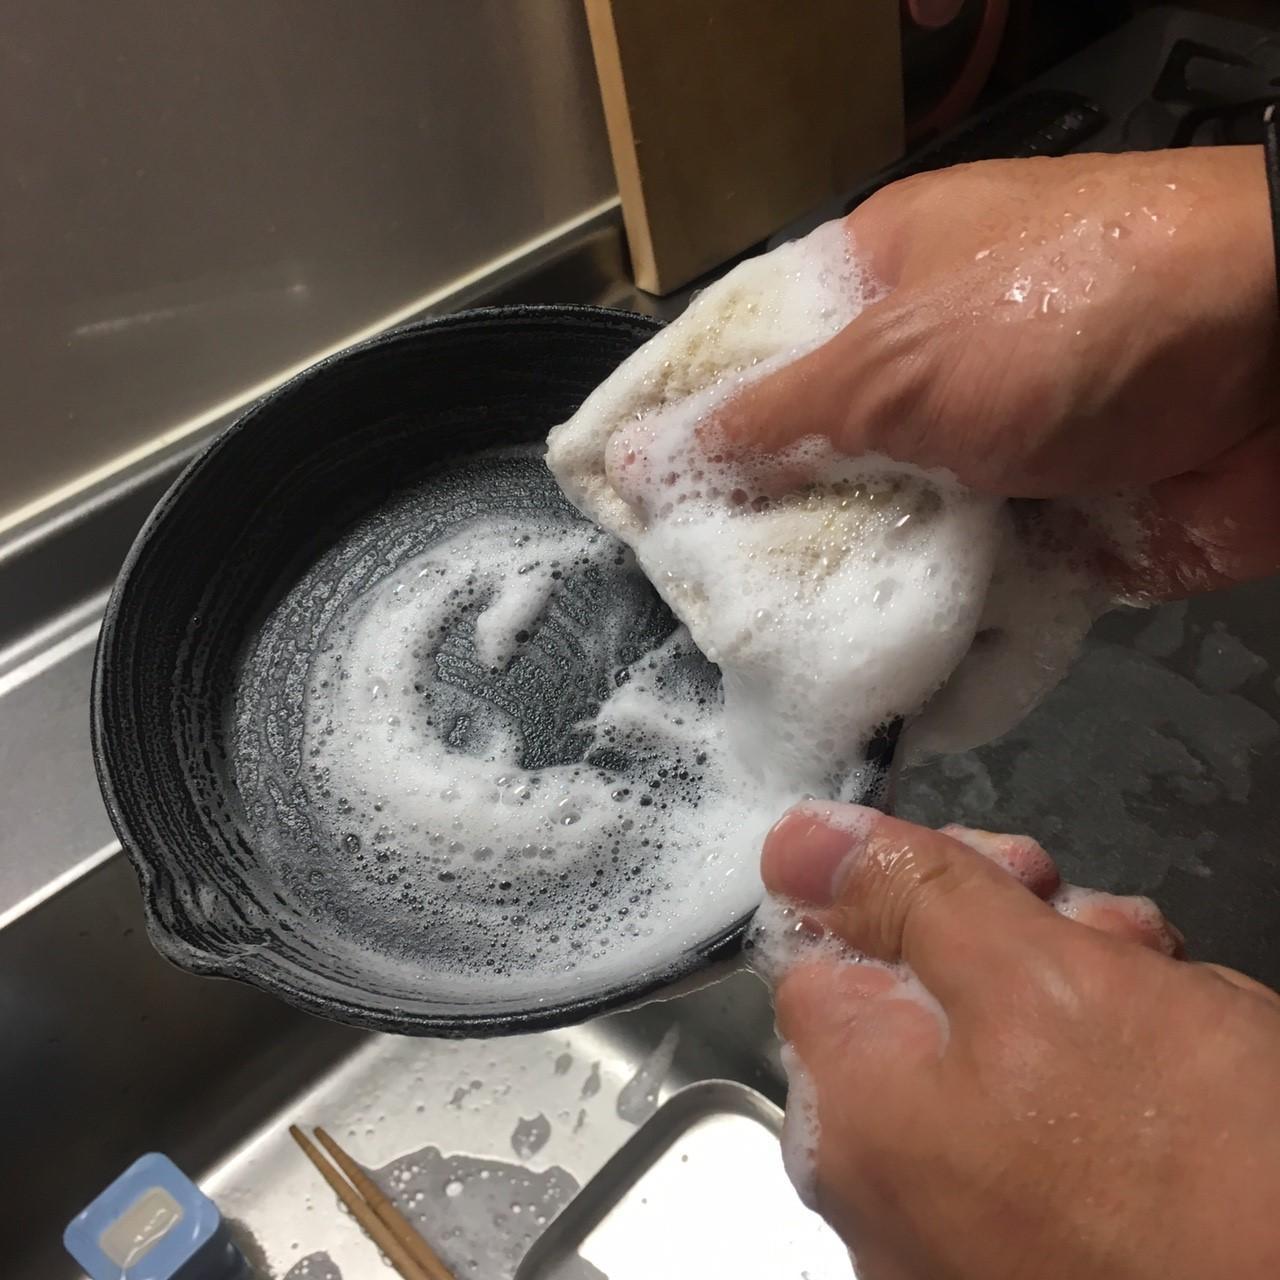 画像: 【ニトスキ】ニトリのスキレットをシーズニング! 使用手順を写真付きで詳しく解説! - ハピキャン(HAPPY CAMPER)